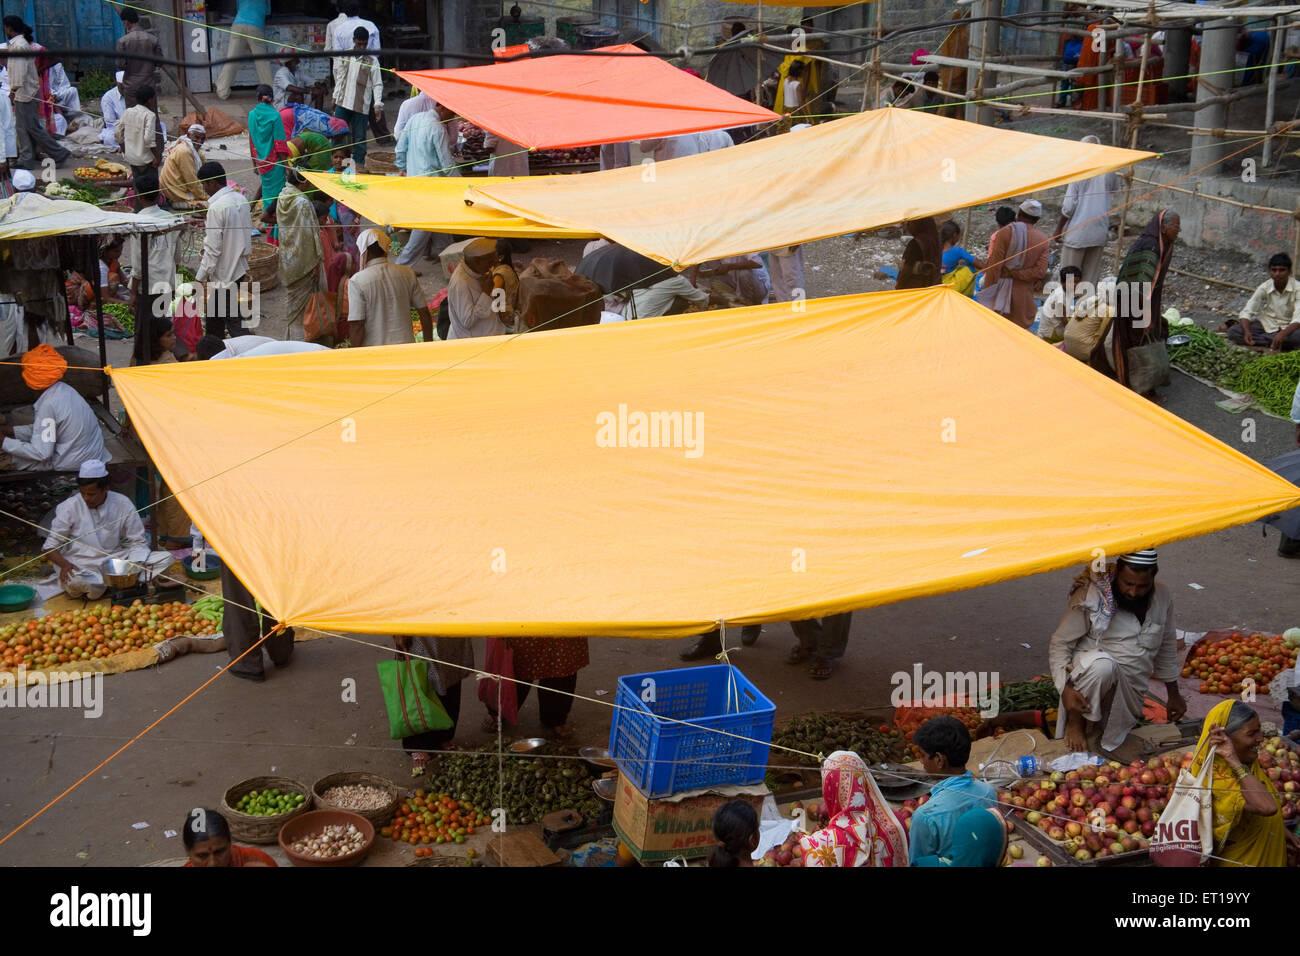 Lámina de plástico de protección para lluvia en mercado Nandur ; ; ; ; Marathwada Maharashtra India Imagen De Stock